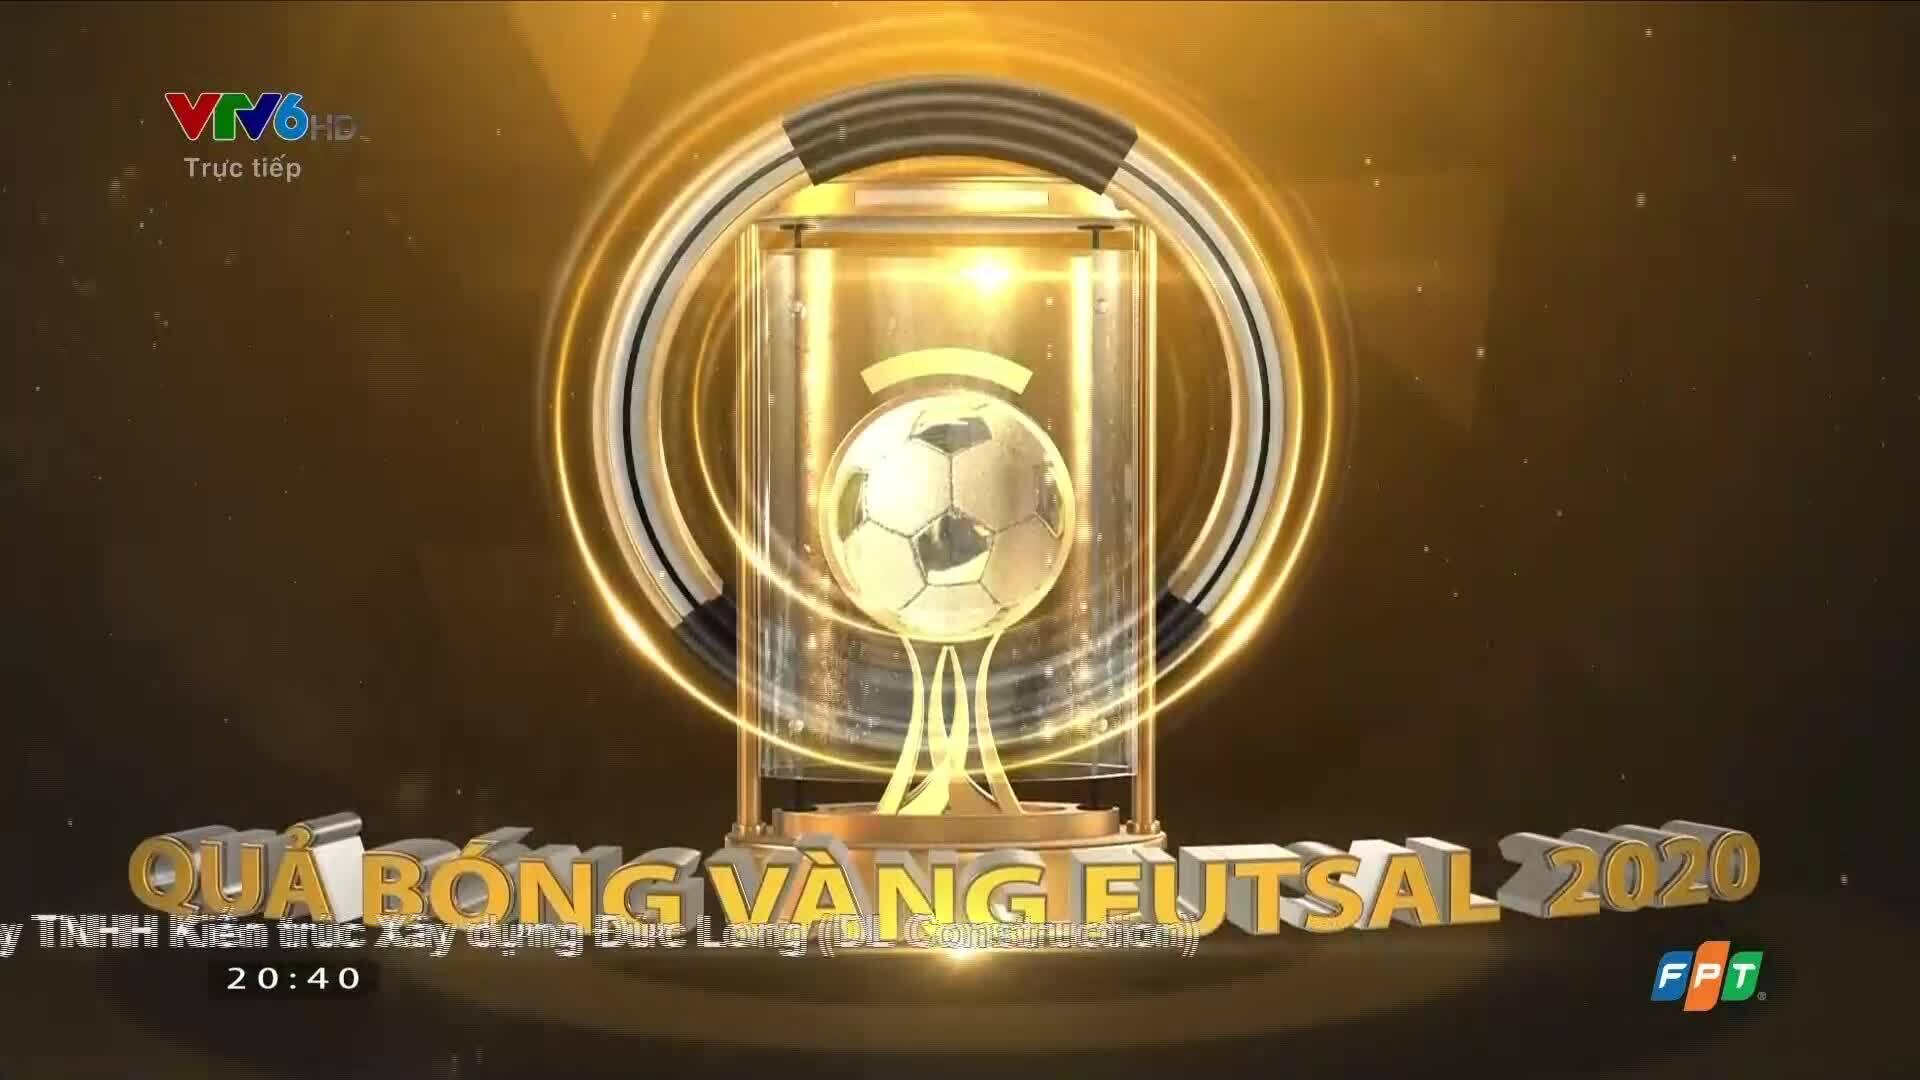 Minh Trí lần đầu đoạt Quả Bóng Vàng Futsal